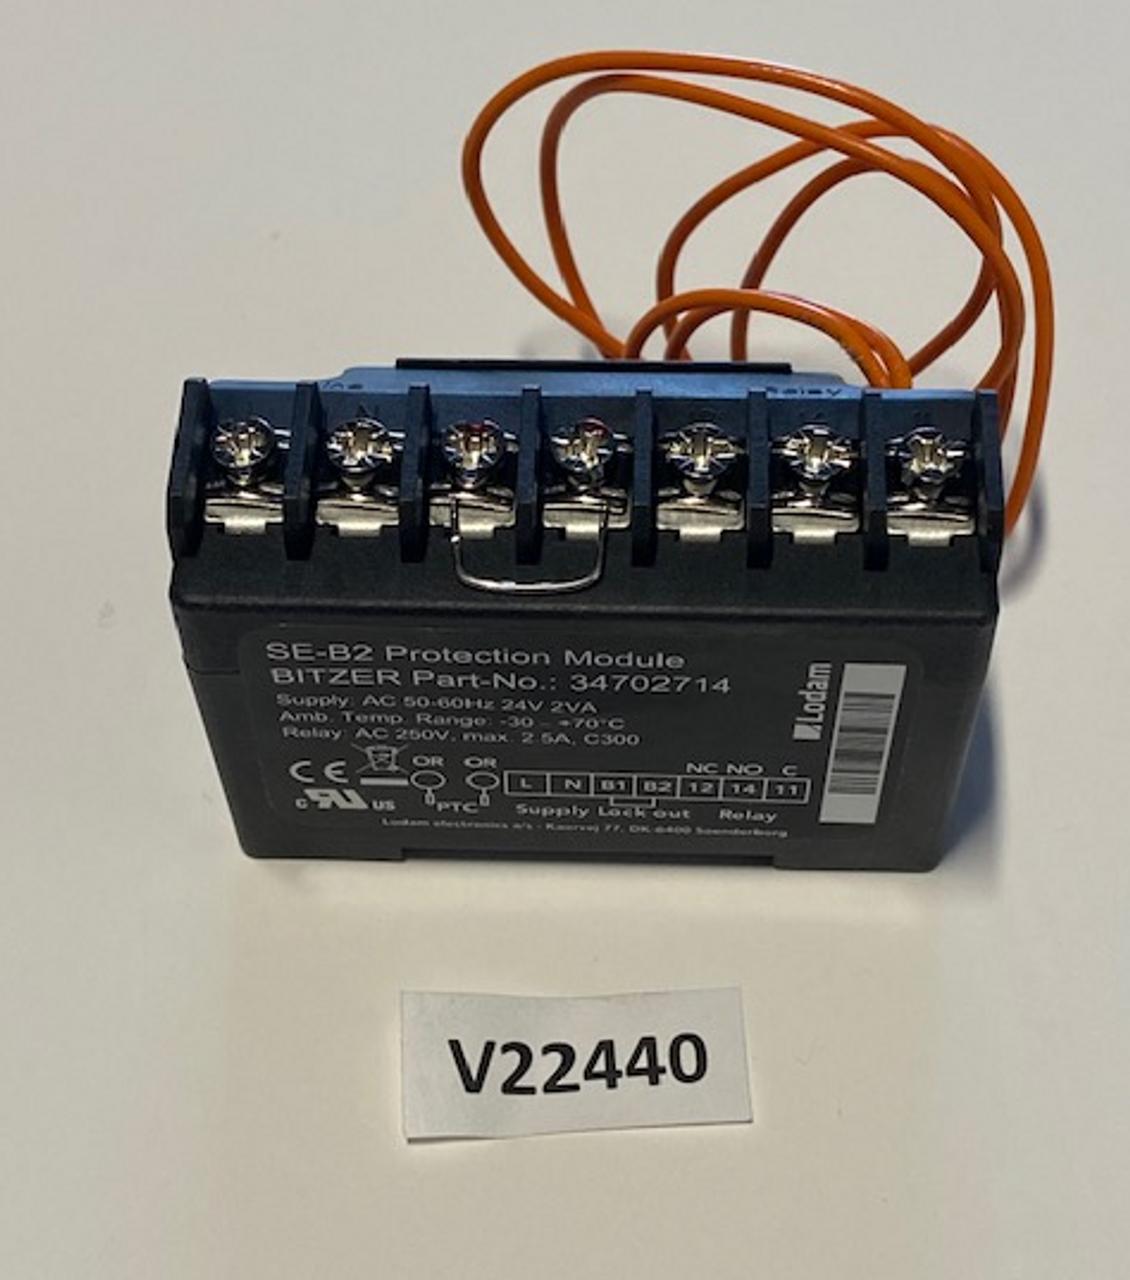 Module, Comp Protection 24V BIT, Aaon, V22440